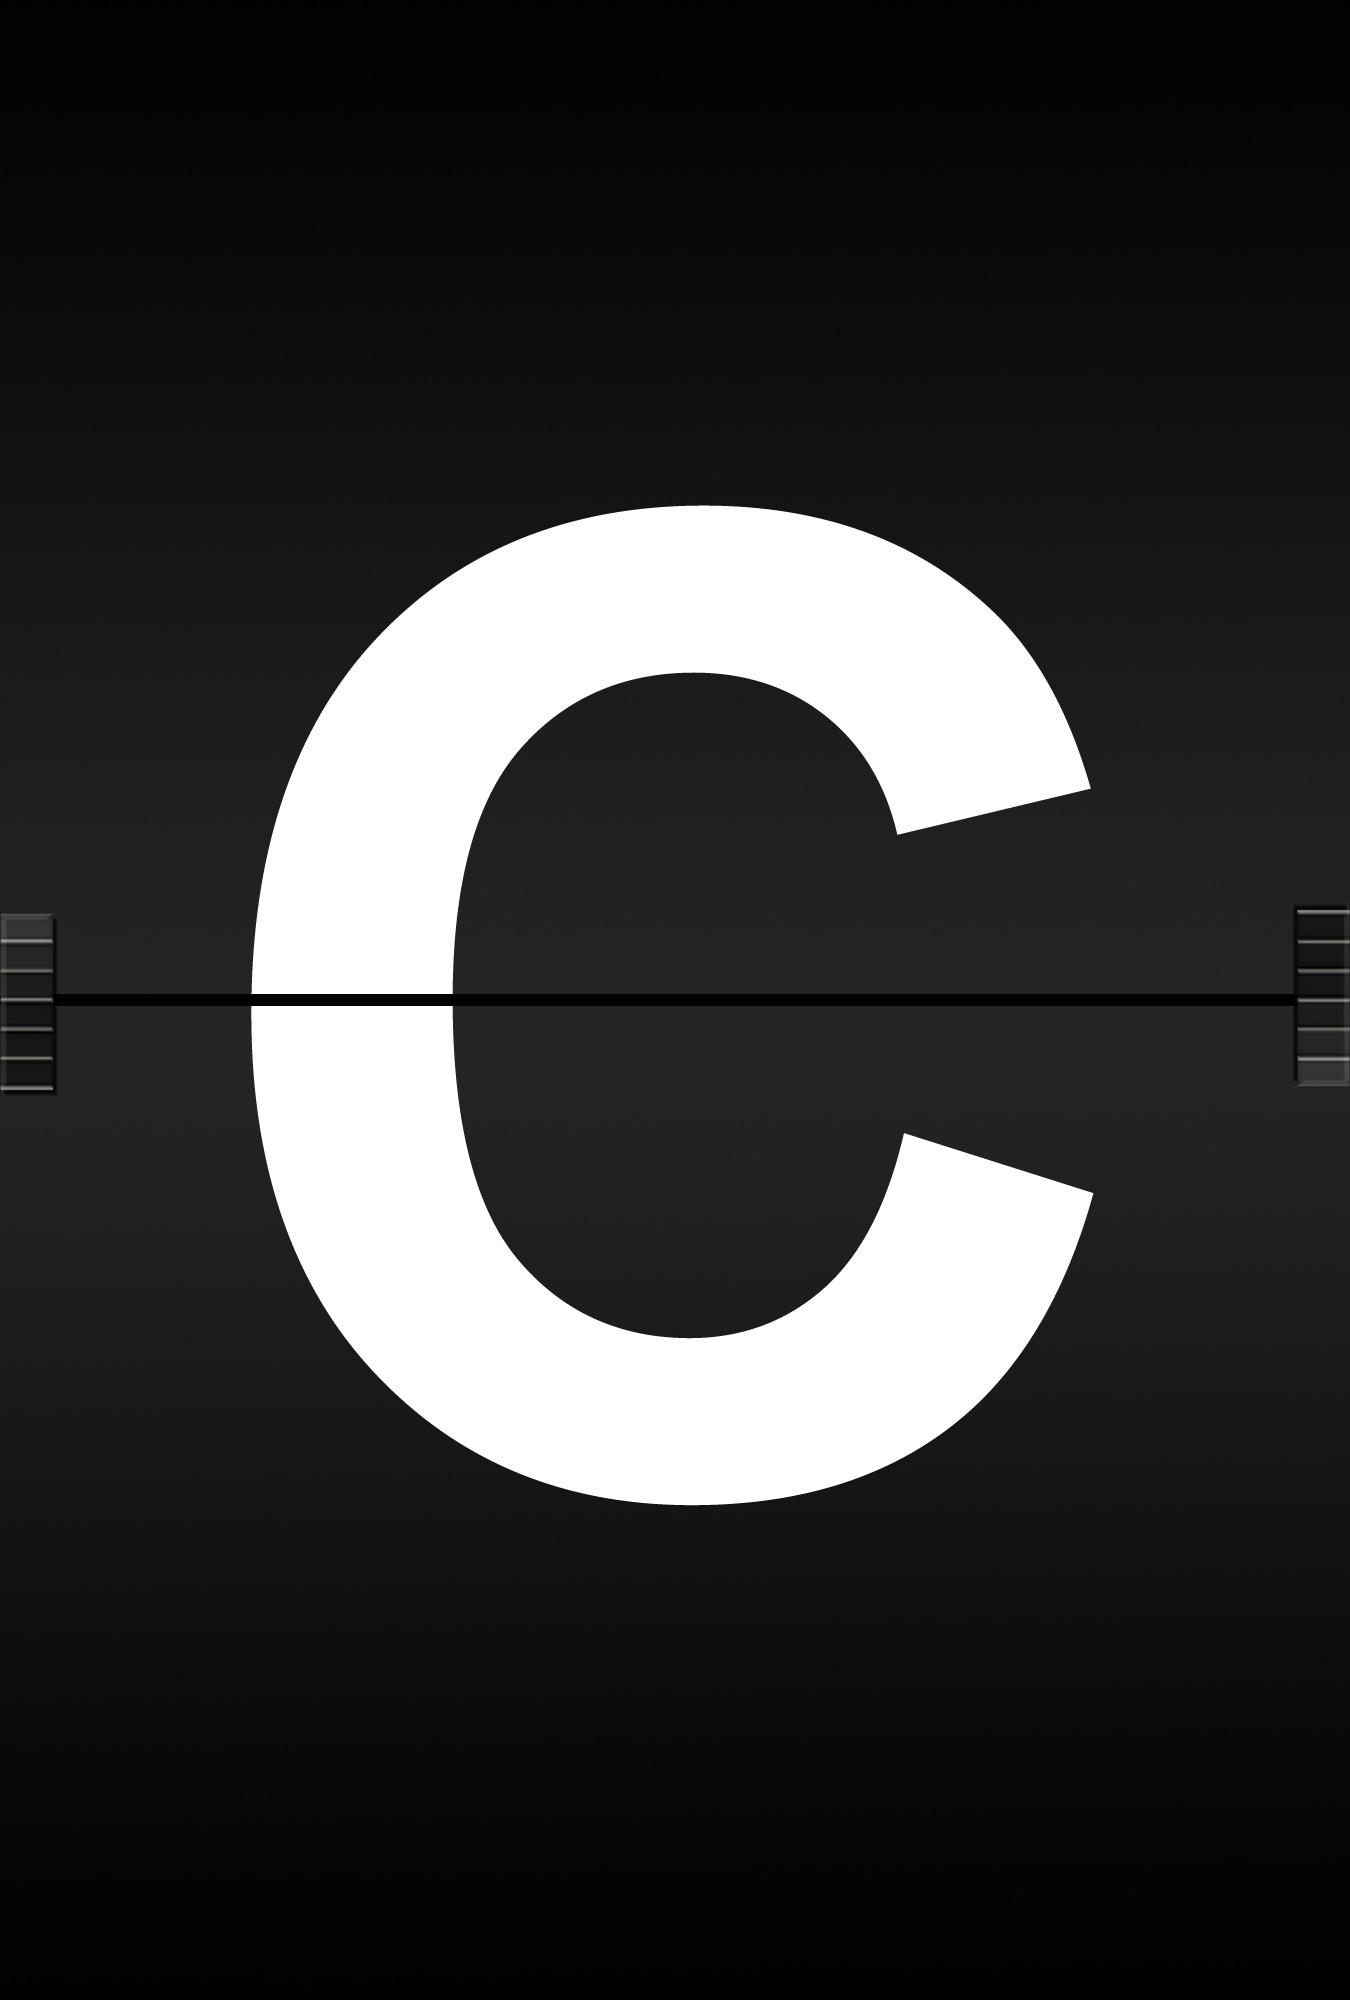 Images Gratuites   planche  nombre  un d  a  roport  symbole  alphabet  la munication  cercle